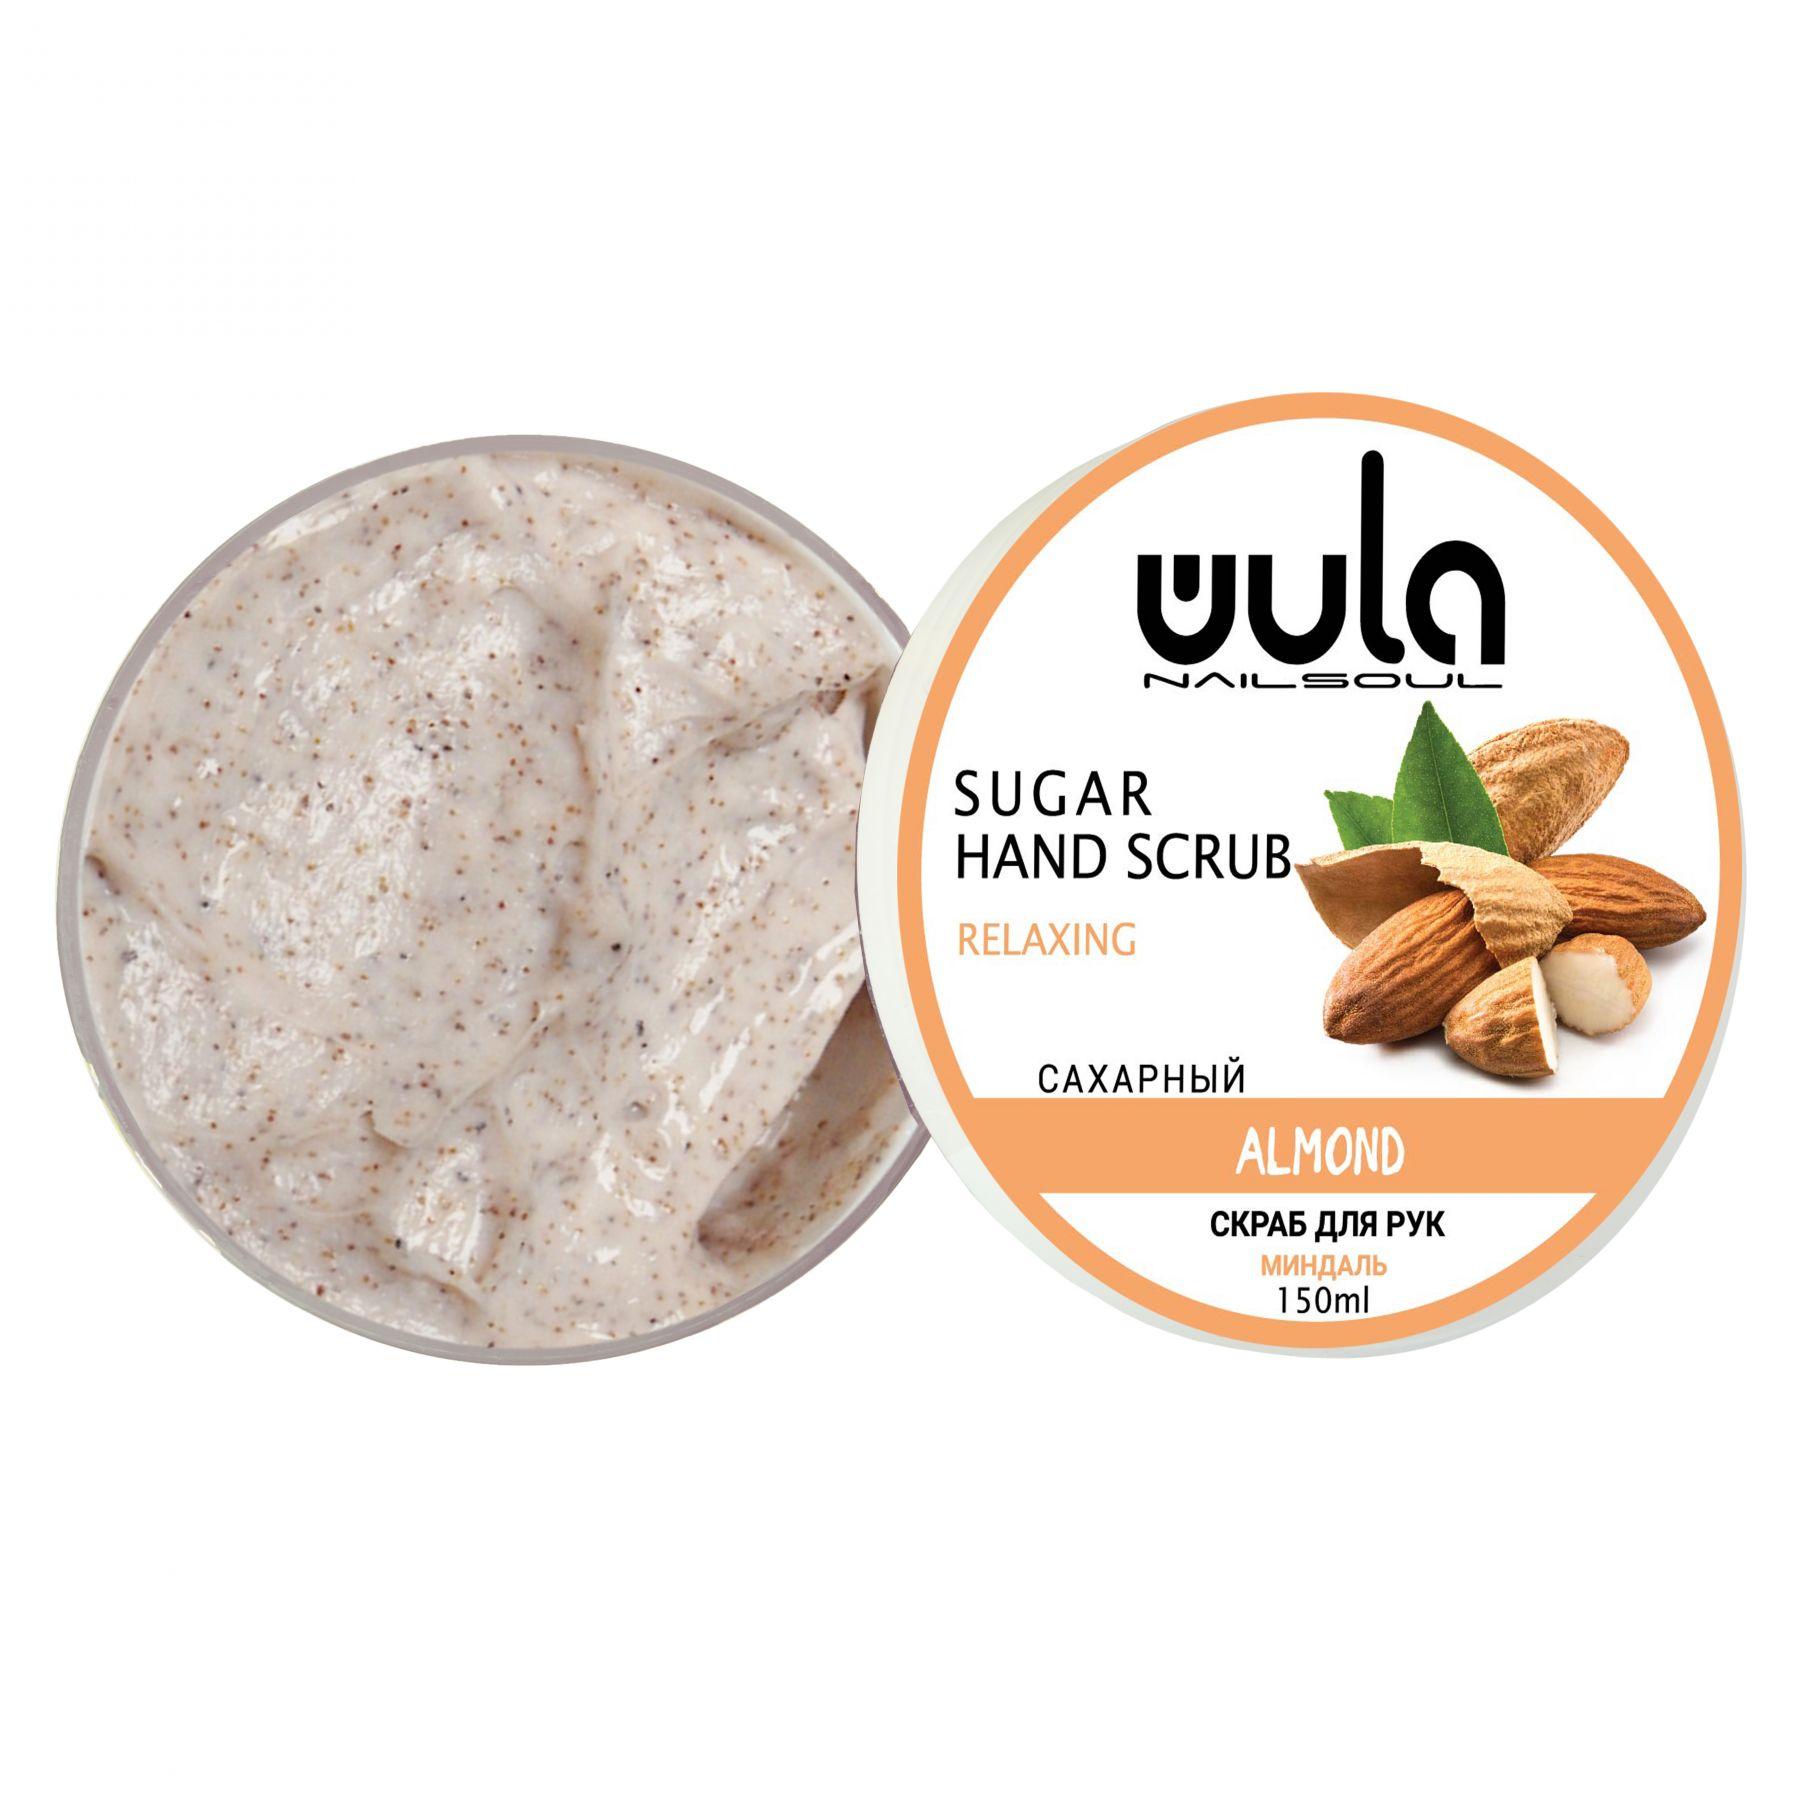 Купить Wula nailsoul сахарный скраб для рук Миндаль 150мл